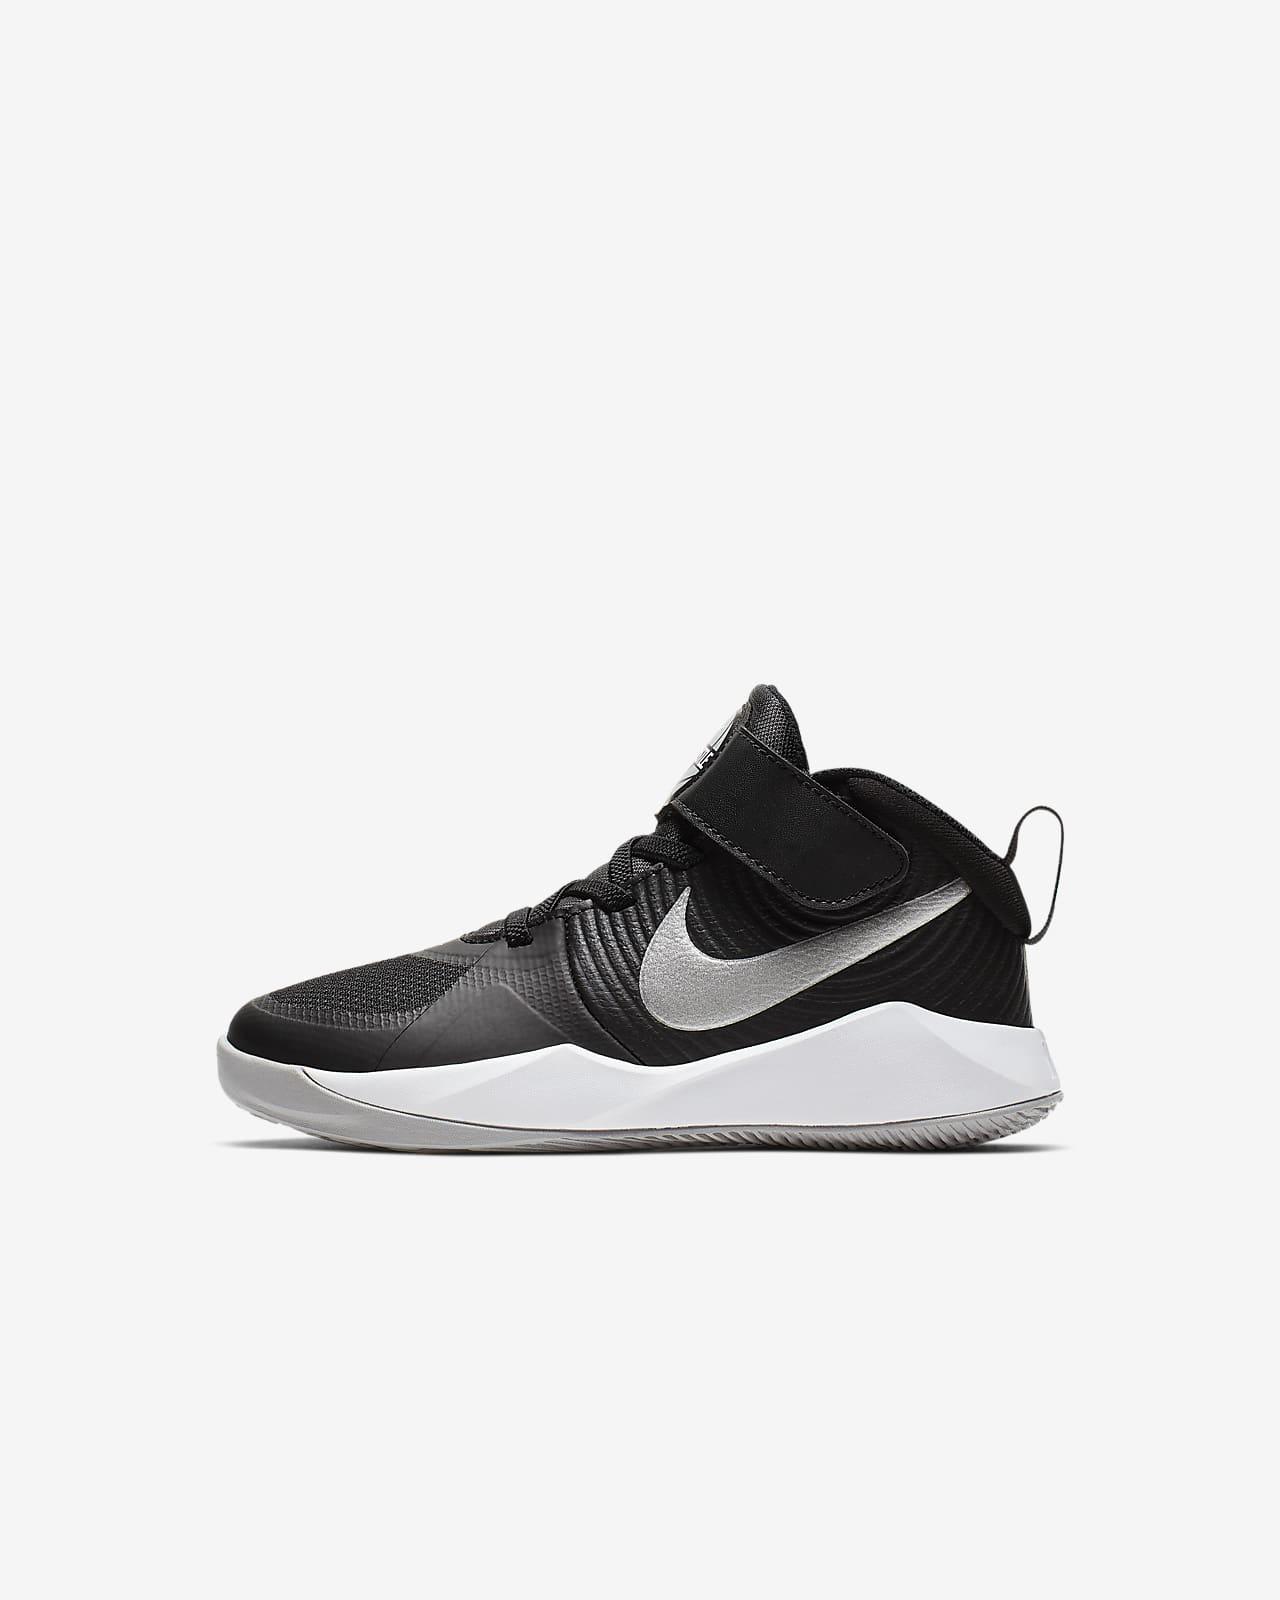 emparedado excepto por Para editar  Nike Team Hustle D 9 Younger Kids' Shoe. Nike LU